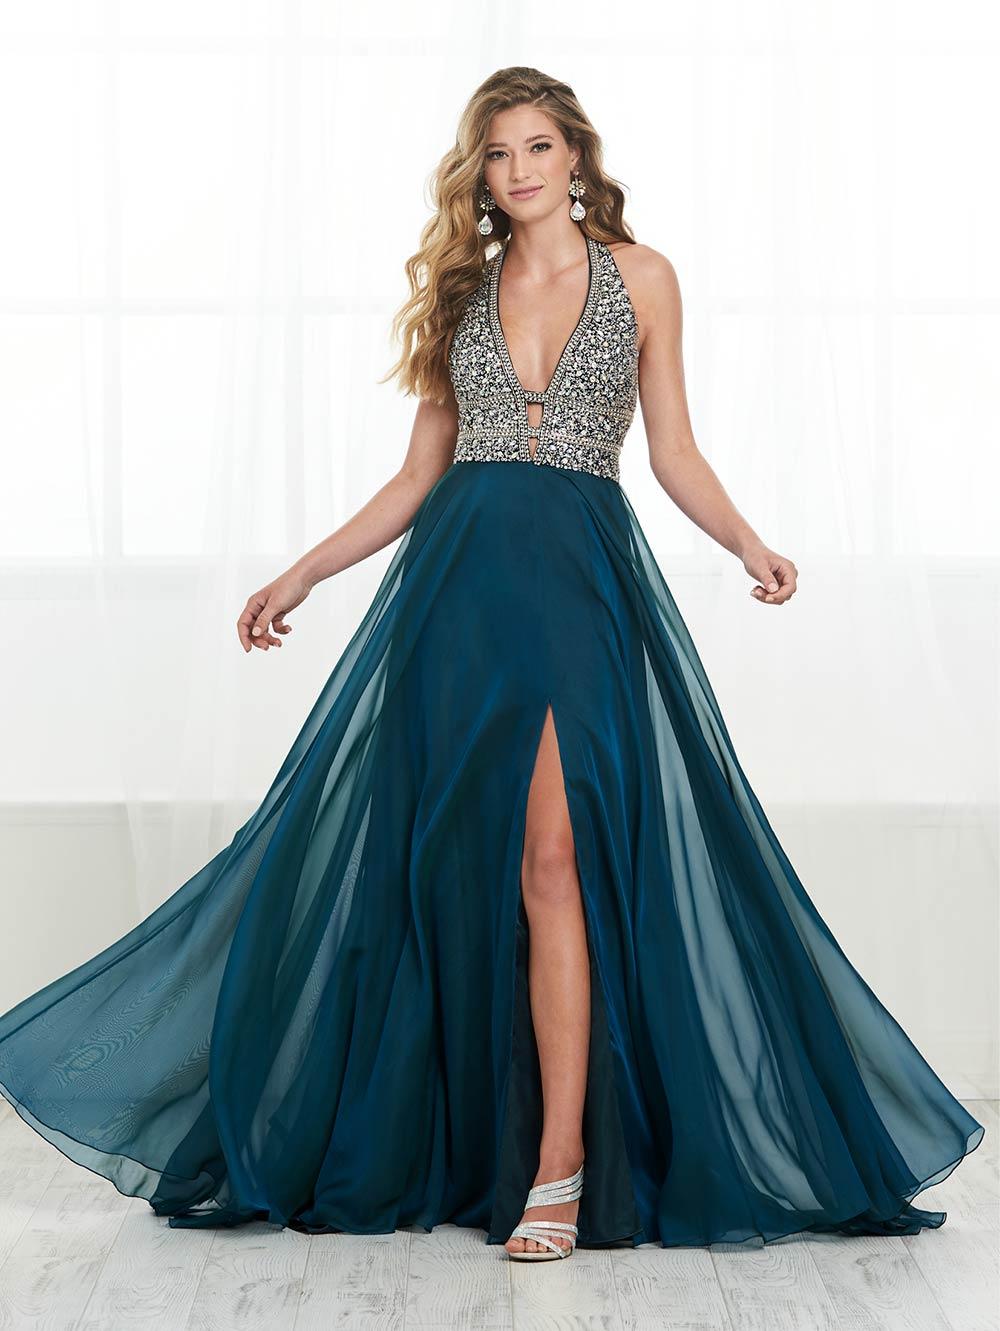 prom-dresses-jacquelin-bridals-canada-27669